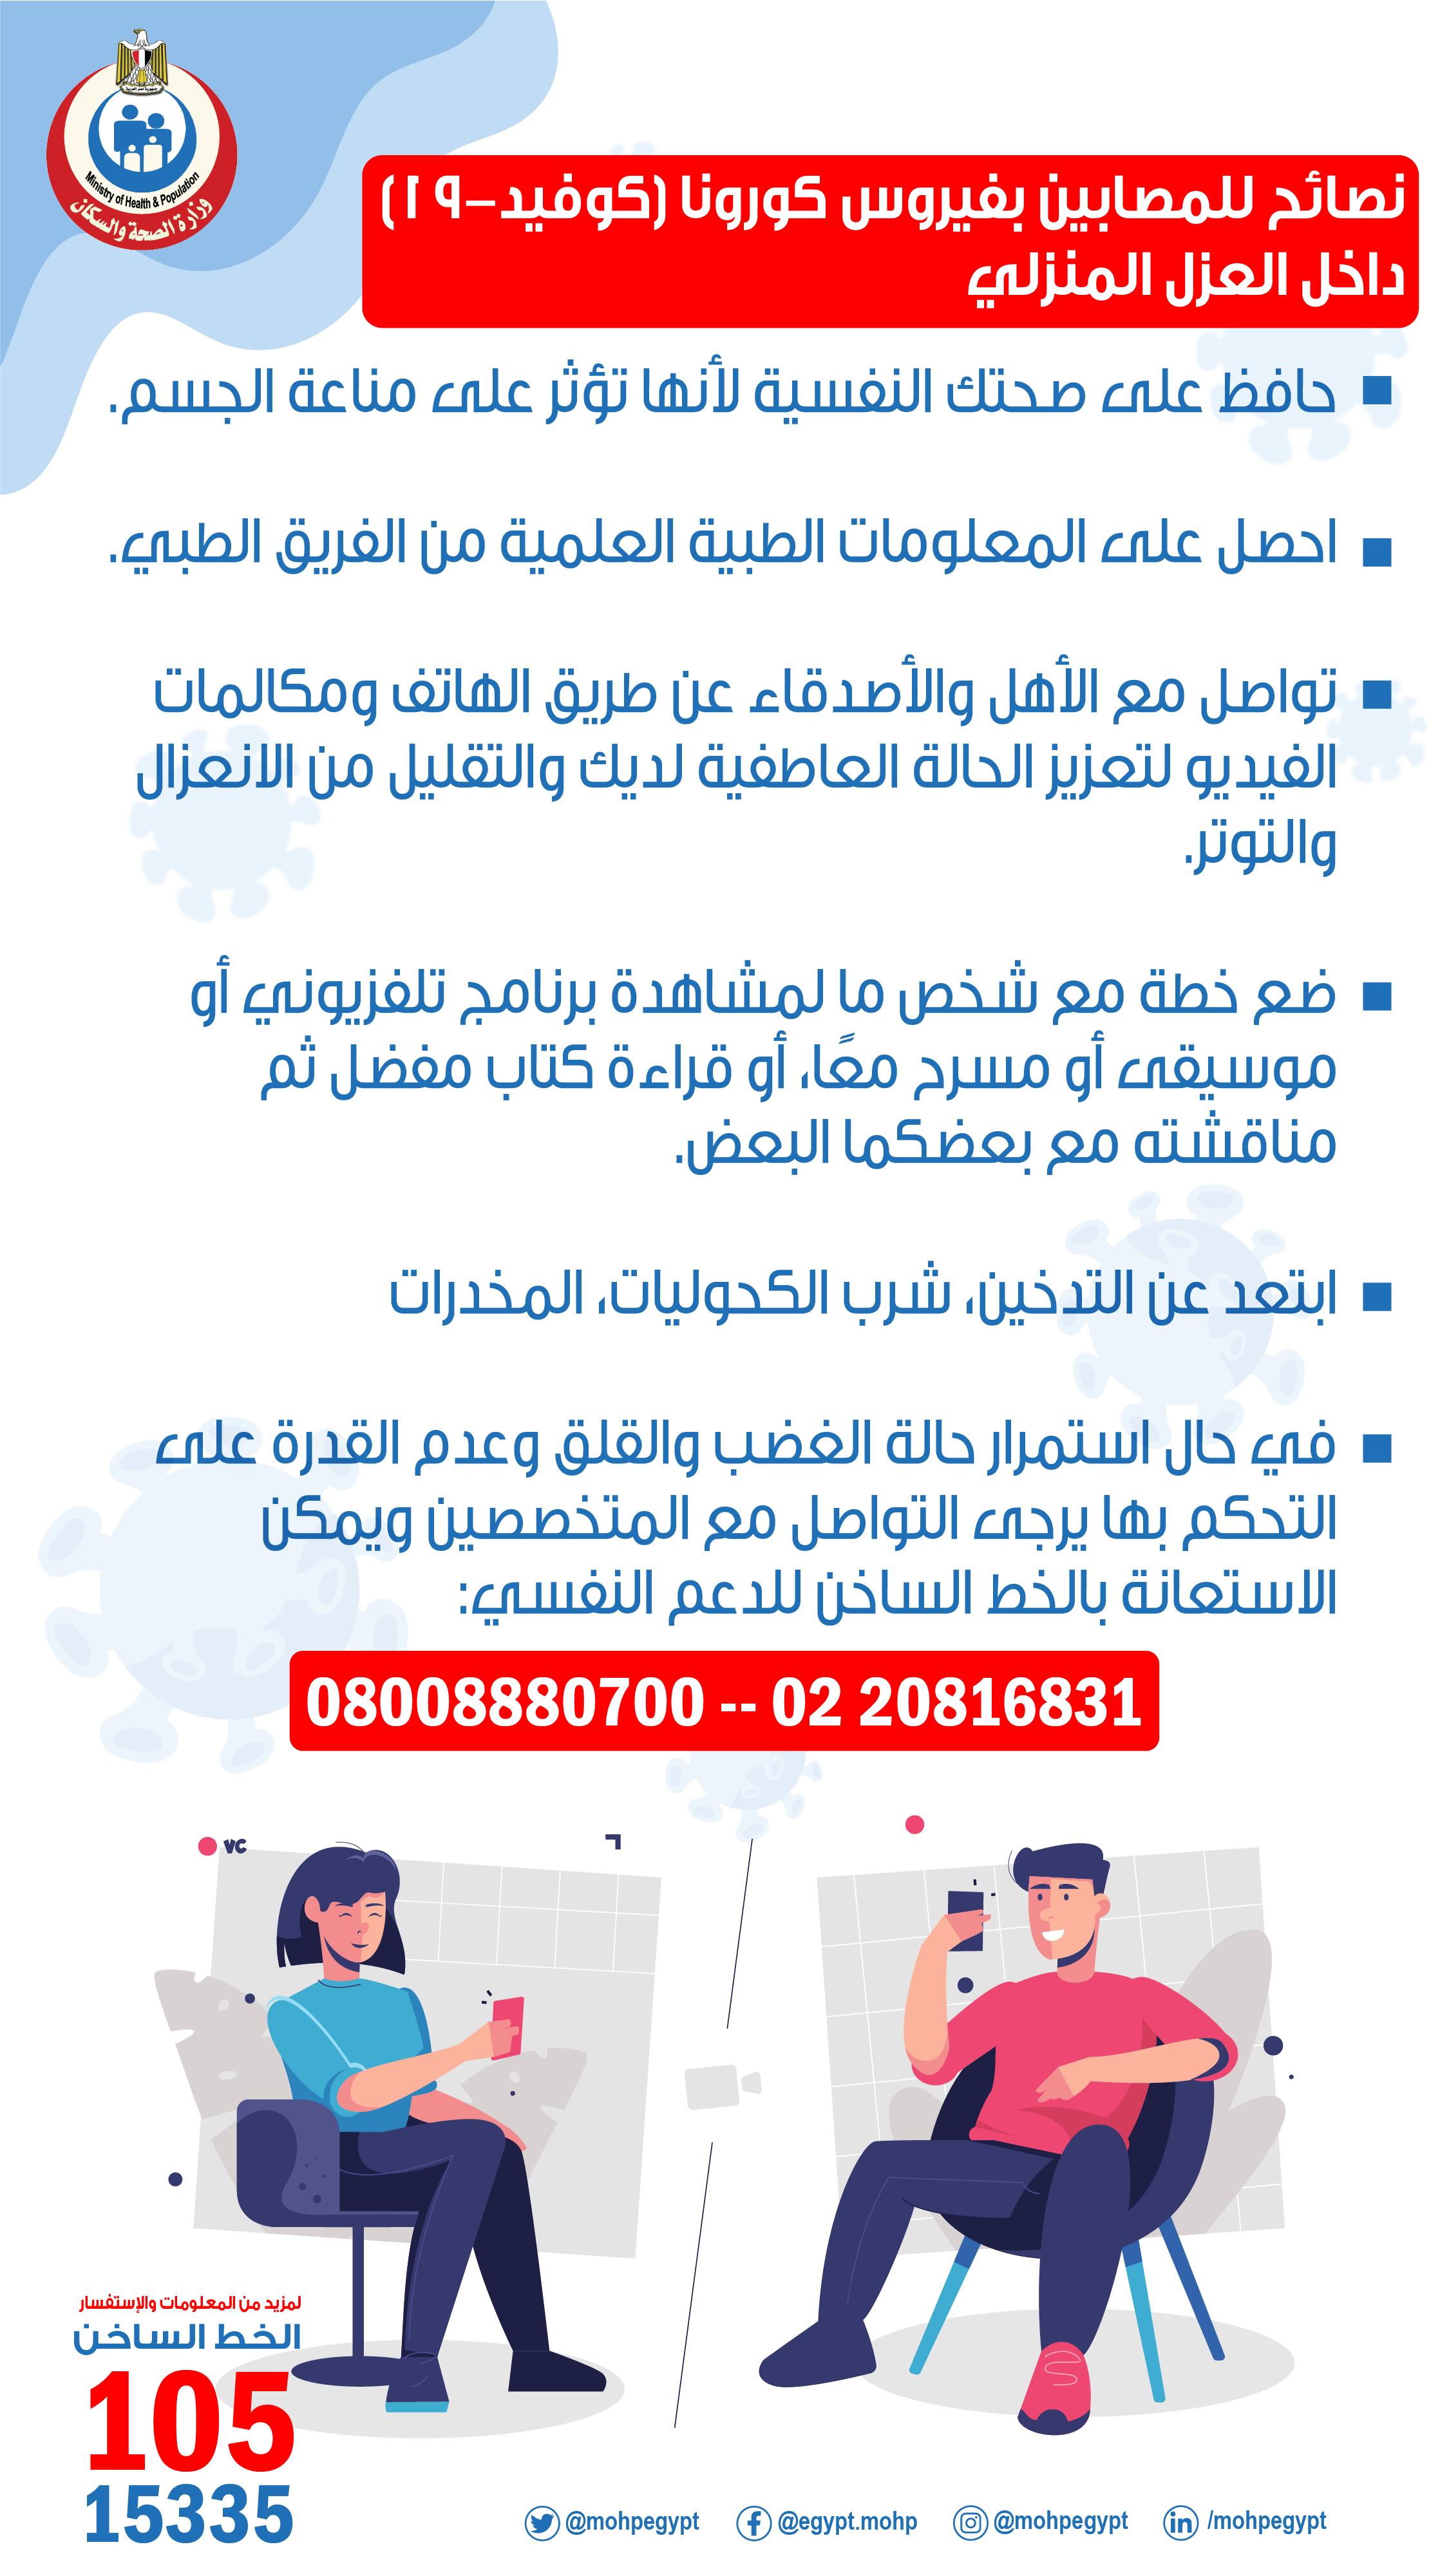 موقع وزارة الصحة المصرية